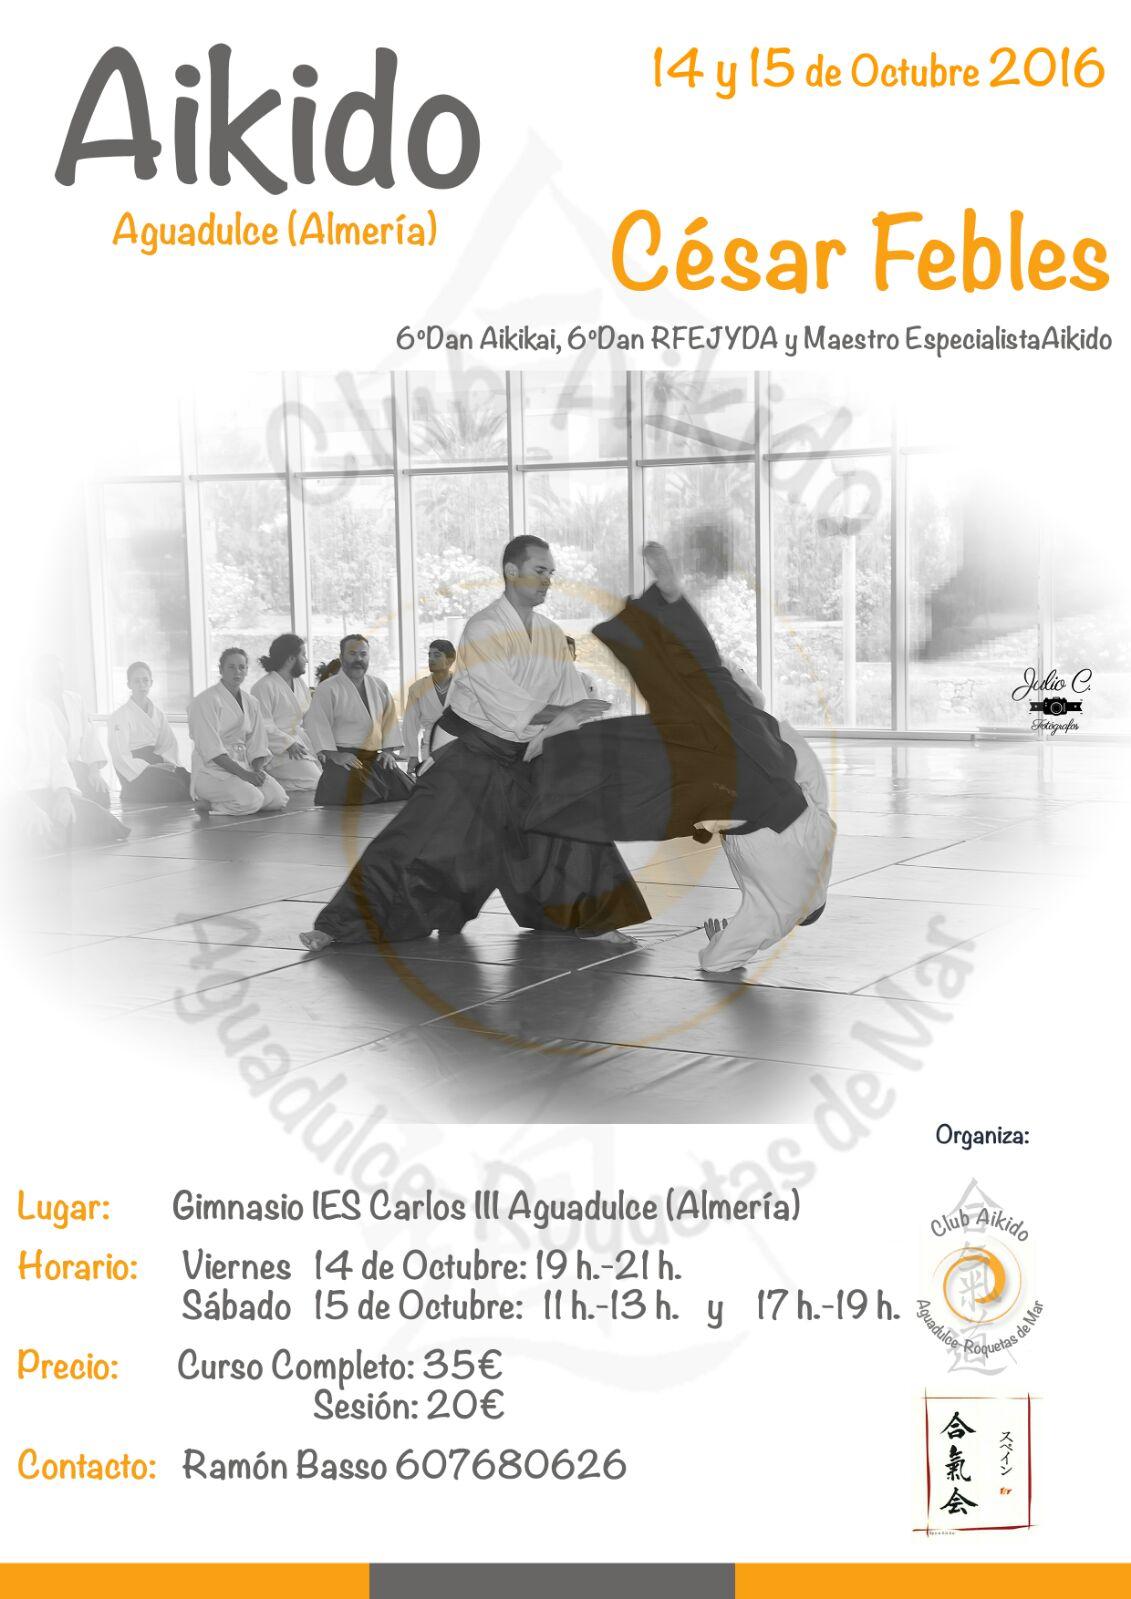 Curso de Aikido de César Febles en Almería 14 y 15 octubre 2016